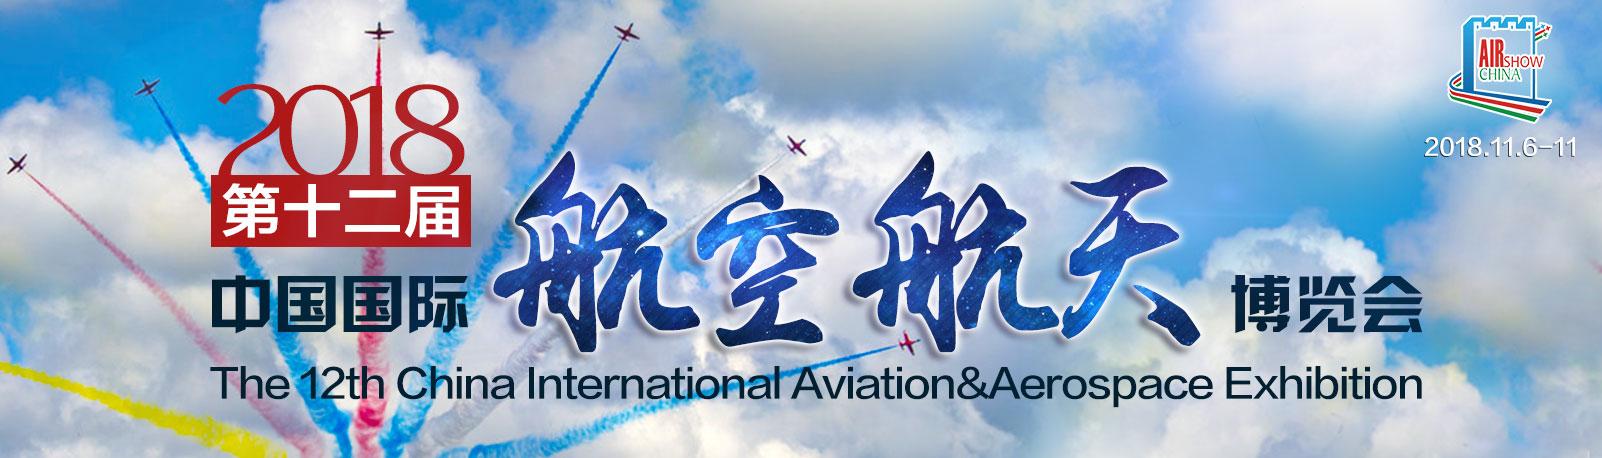 2018第十二届中国国际航空航天博览会